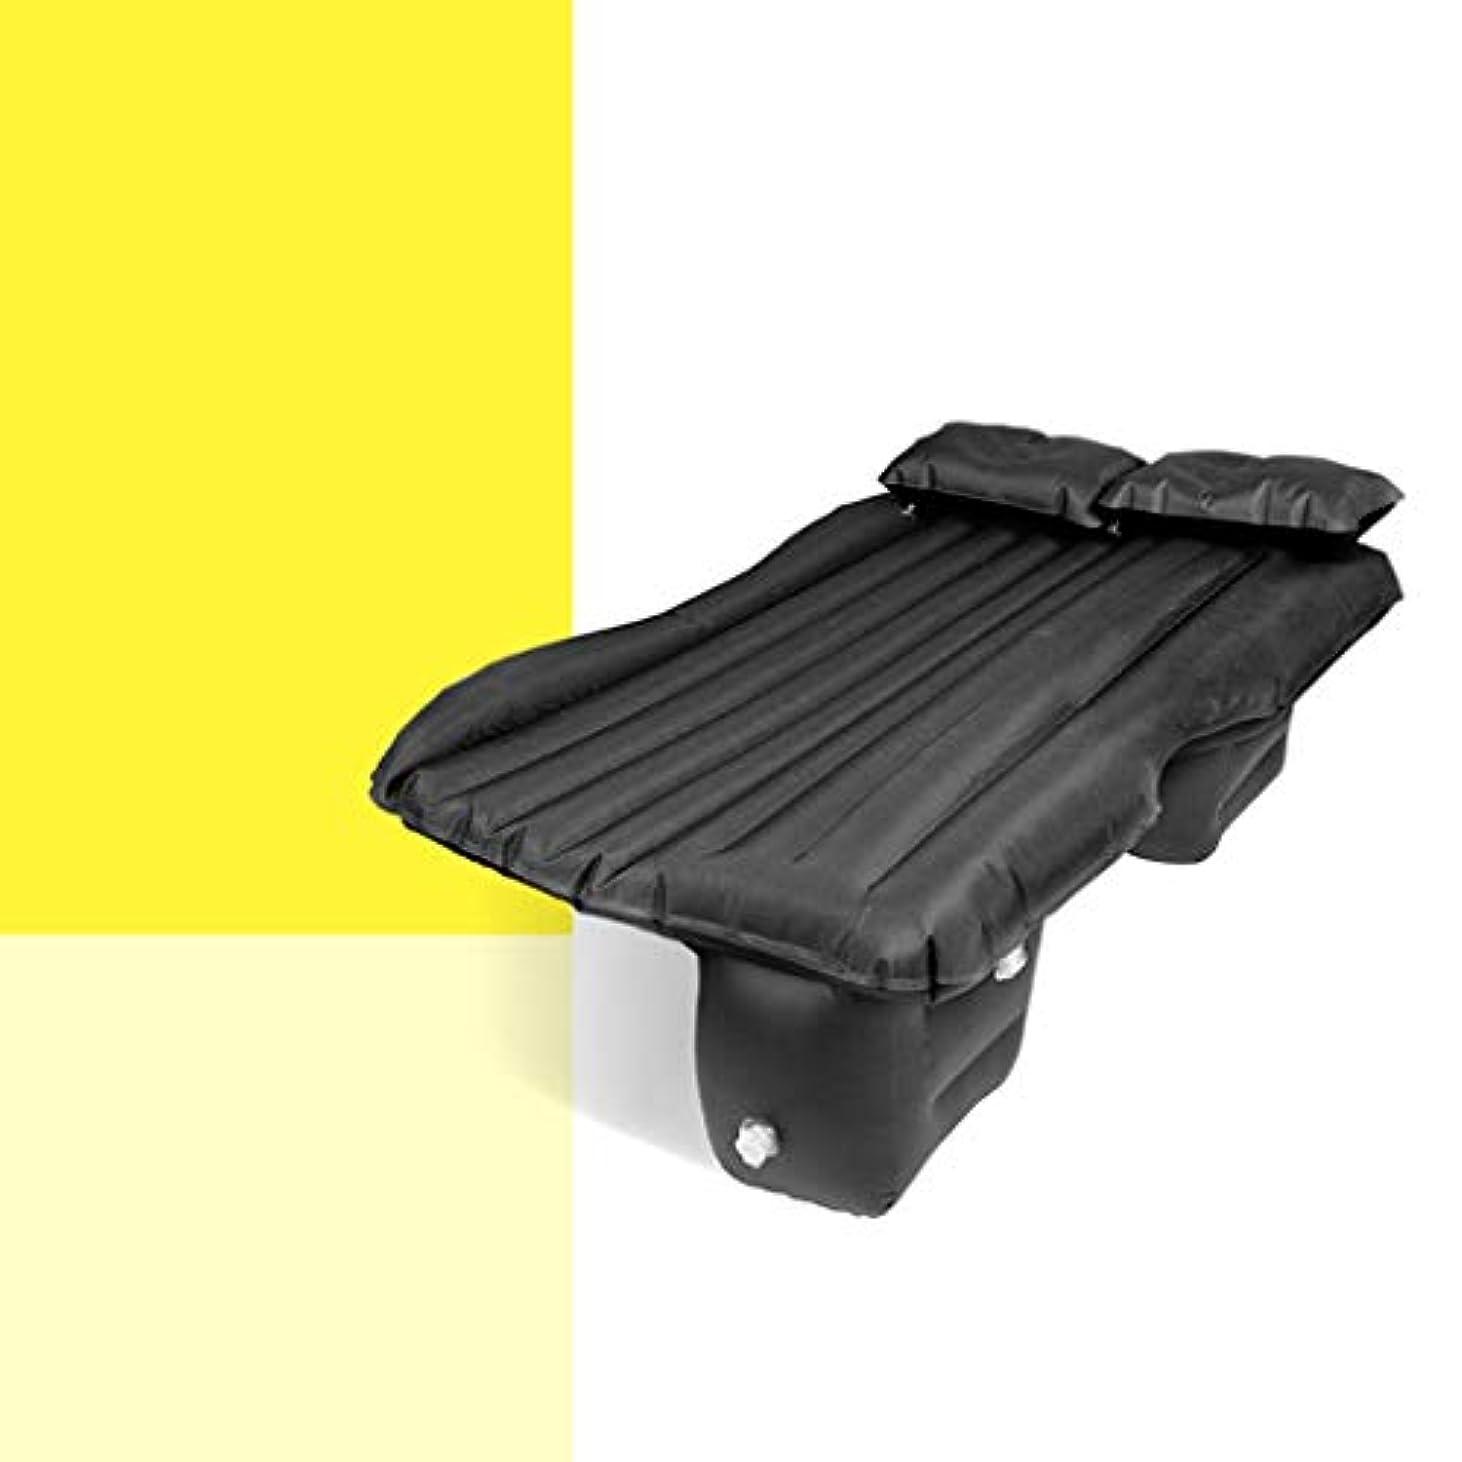 彫るカッター海SYLOZ 車のインフレータブルベッドインフレータブルスリーピングパッドキャンプマットレスライトコンパクトエアクッションポータブル折りたたみエアベッド (Color : Black)